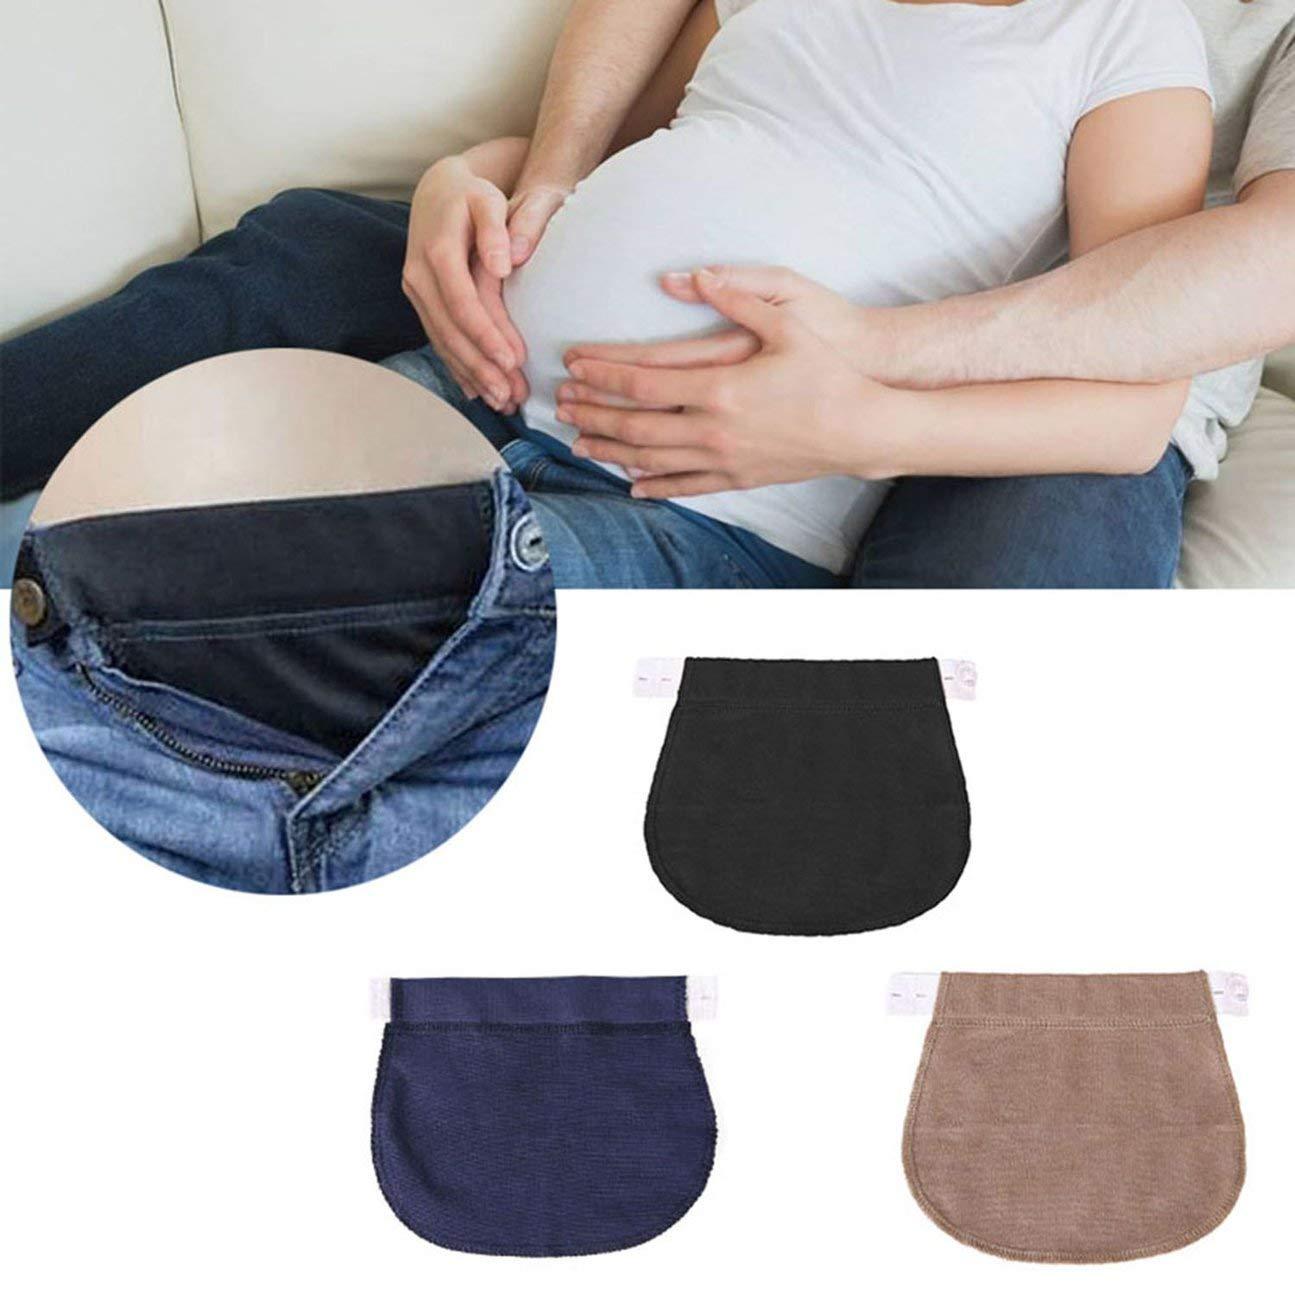 MachinYesell Maternity Grossesse Ceinture Ceinture R/églable /Élastique Taille Extender V/êtements Pantalon pour Enceinte Noir